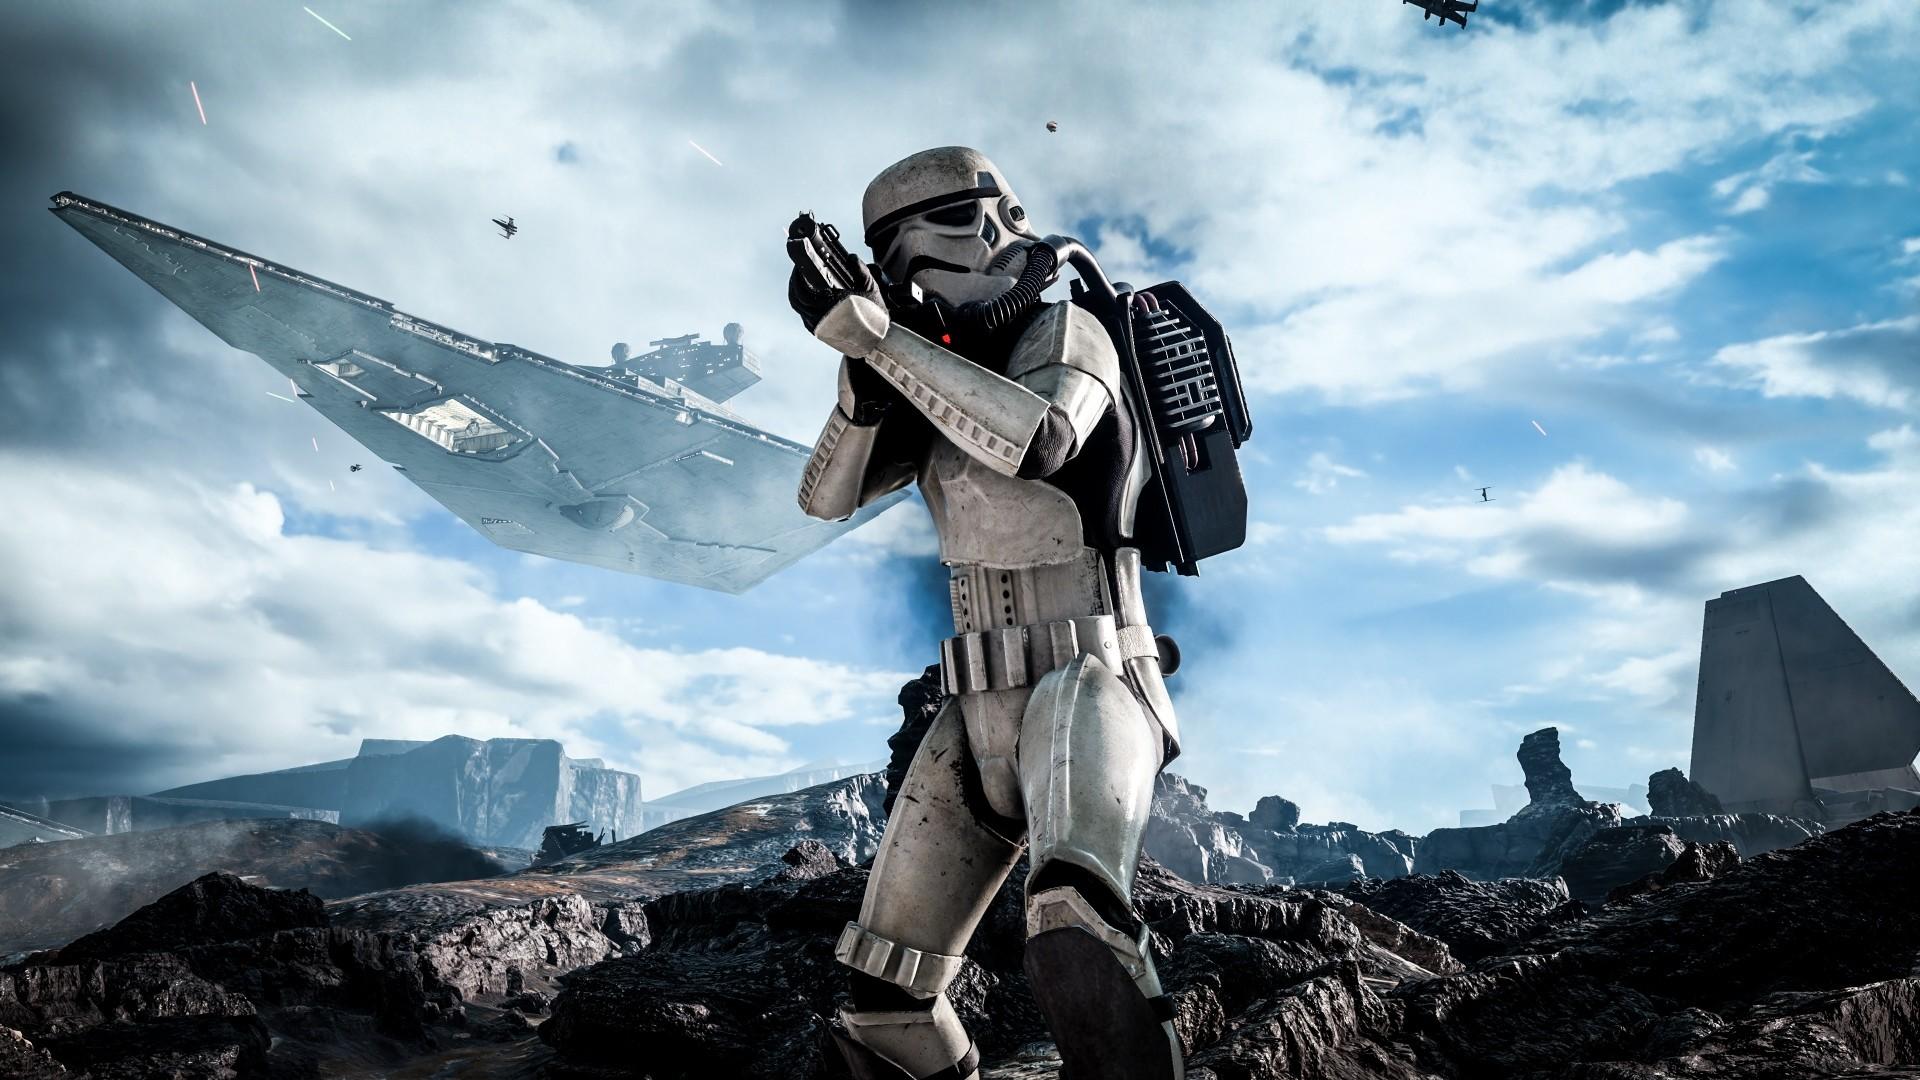 Full HD 1080p Star wars Wallpapers HD, Desktop Backgrounds